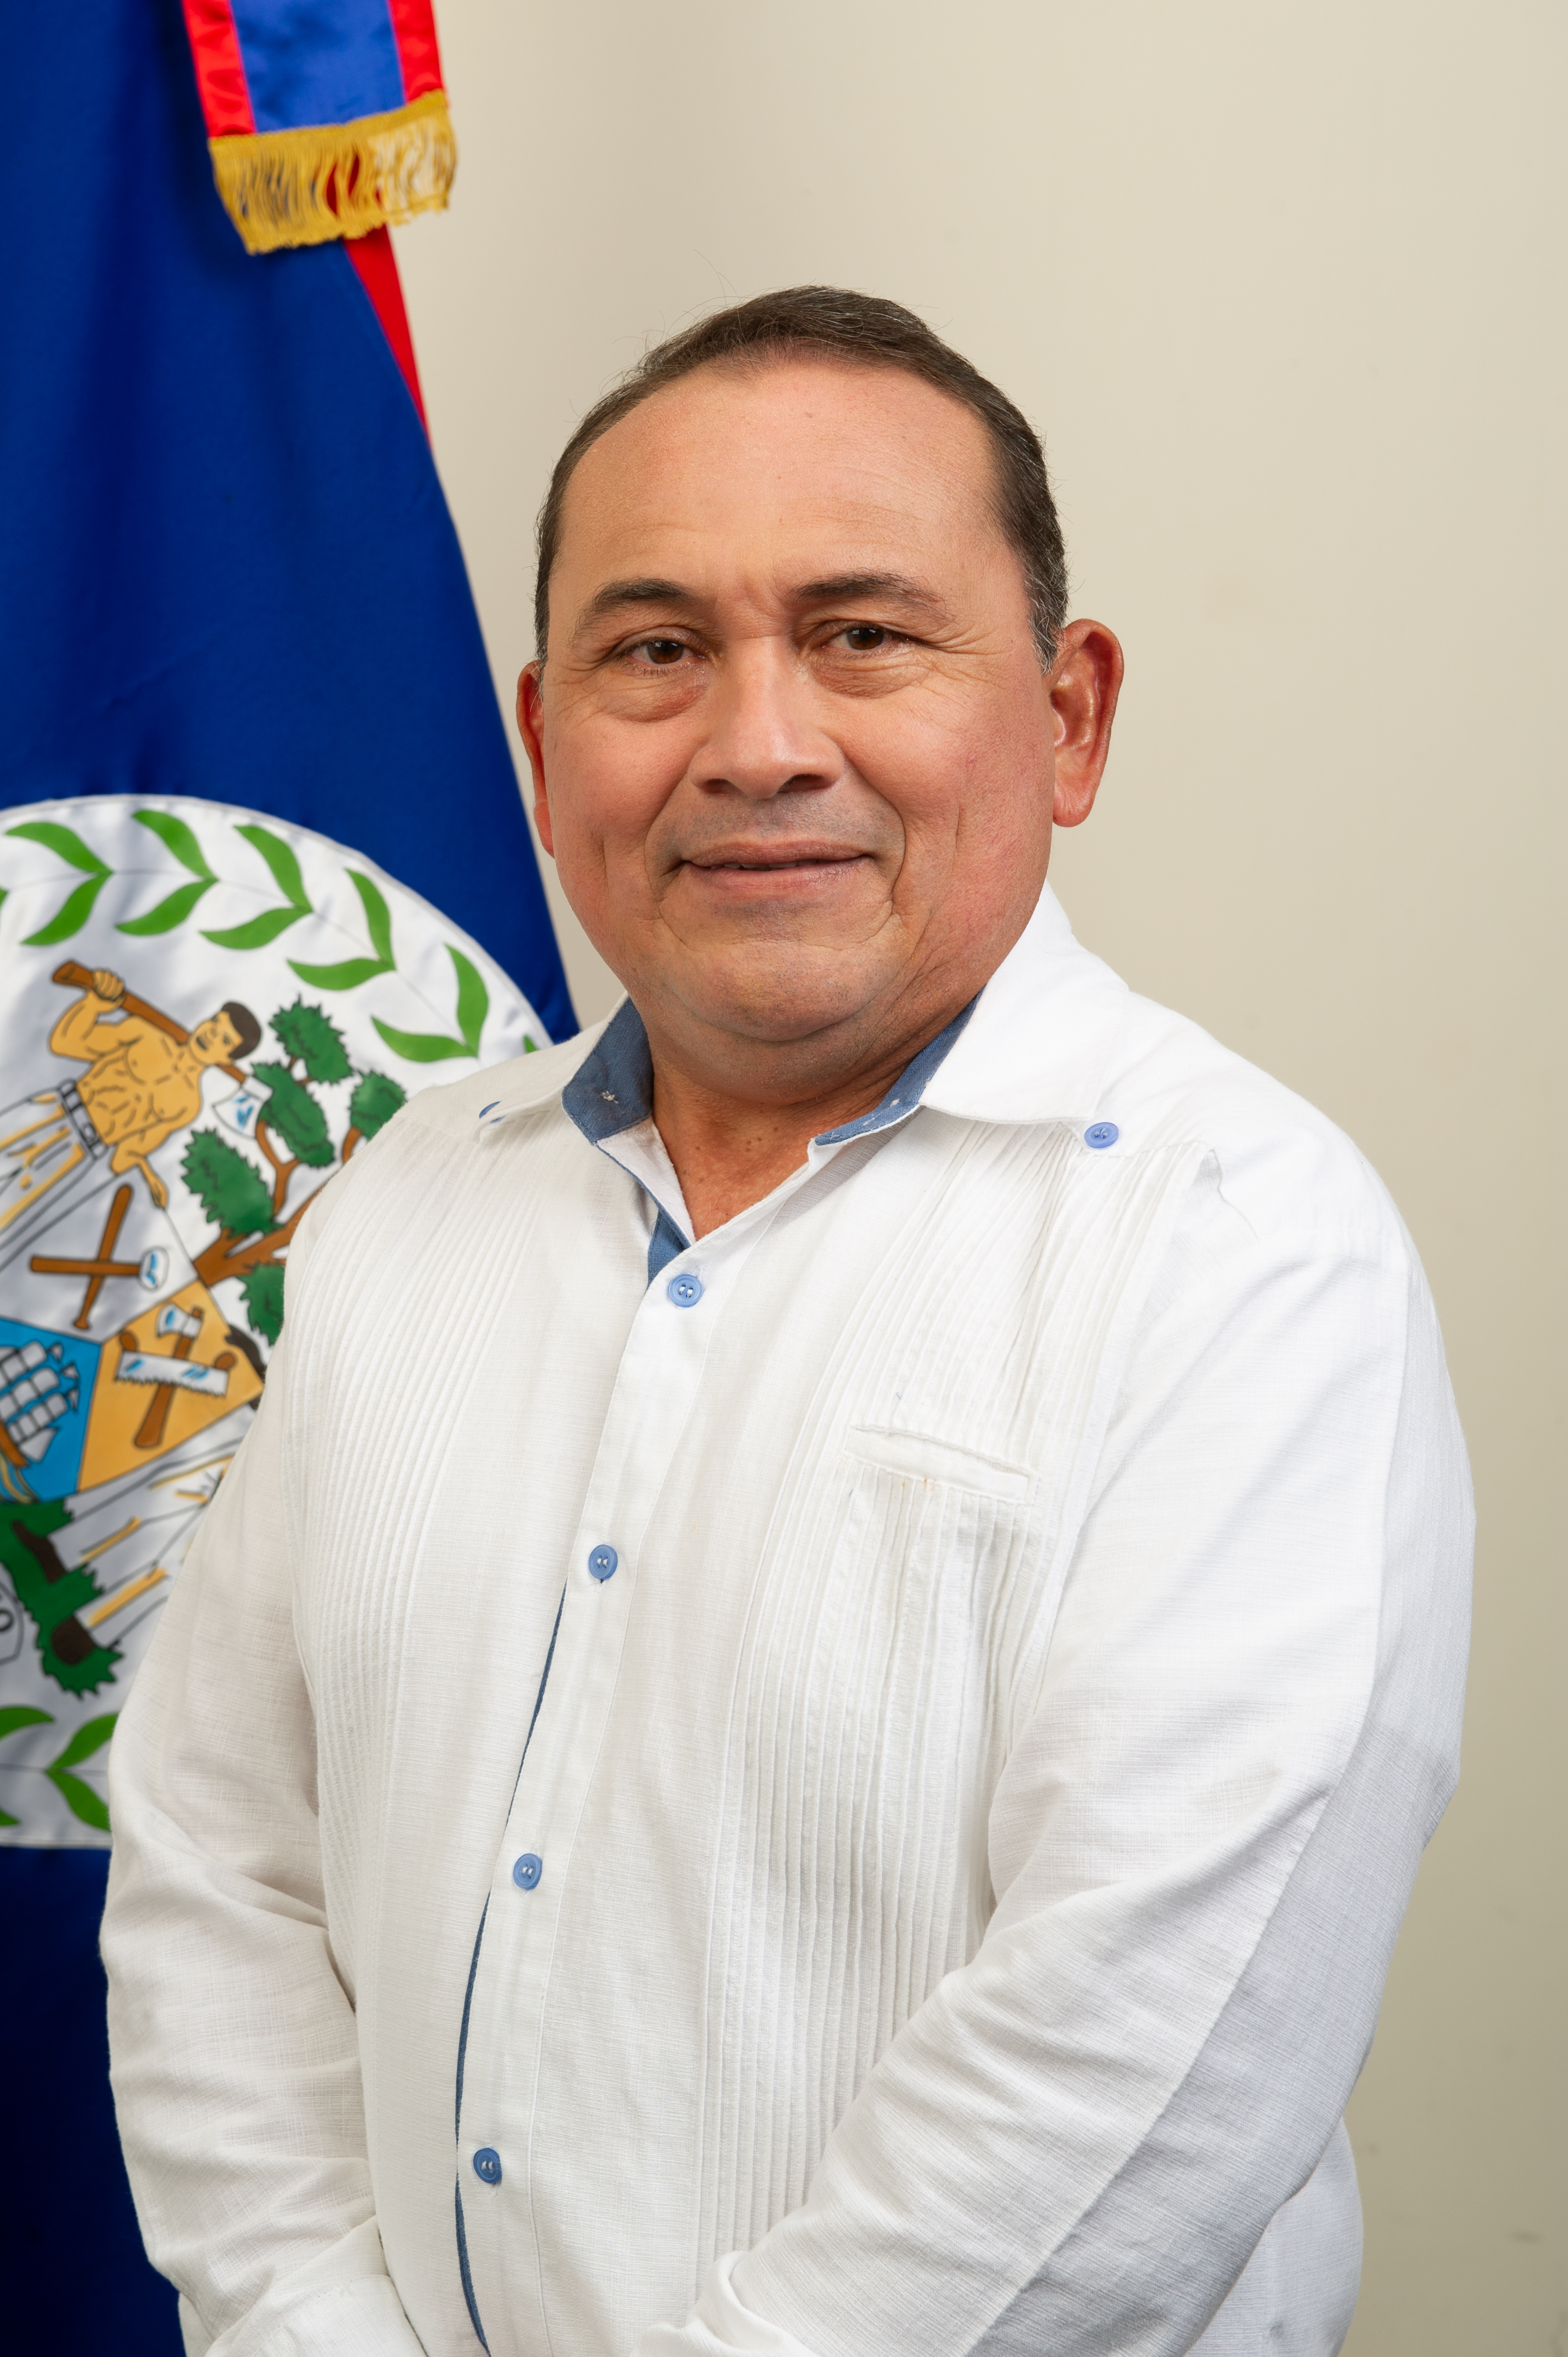 Hon. Andre Perez